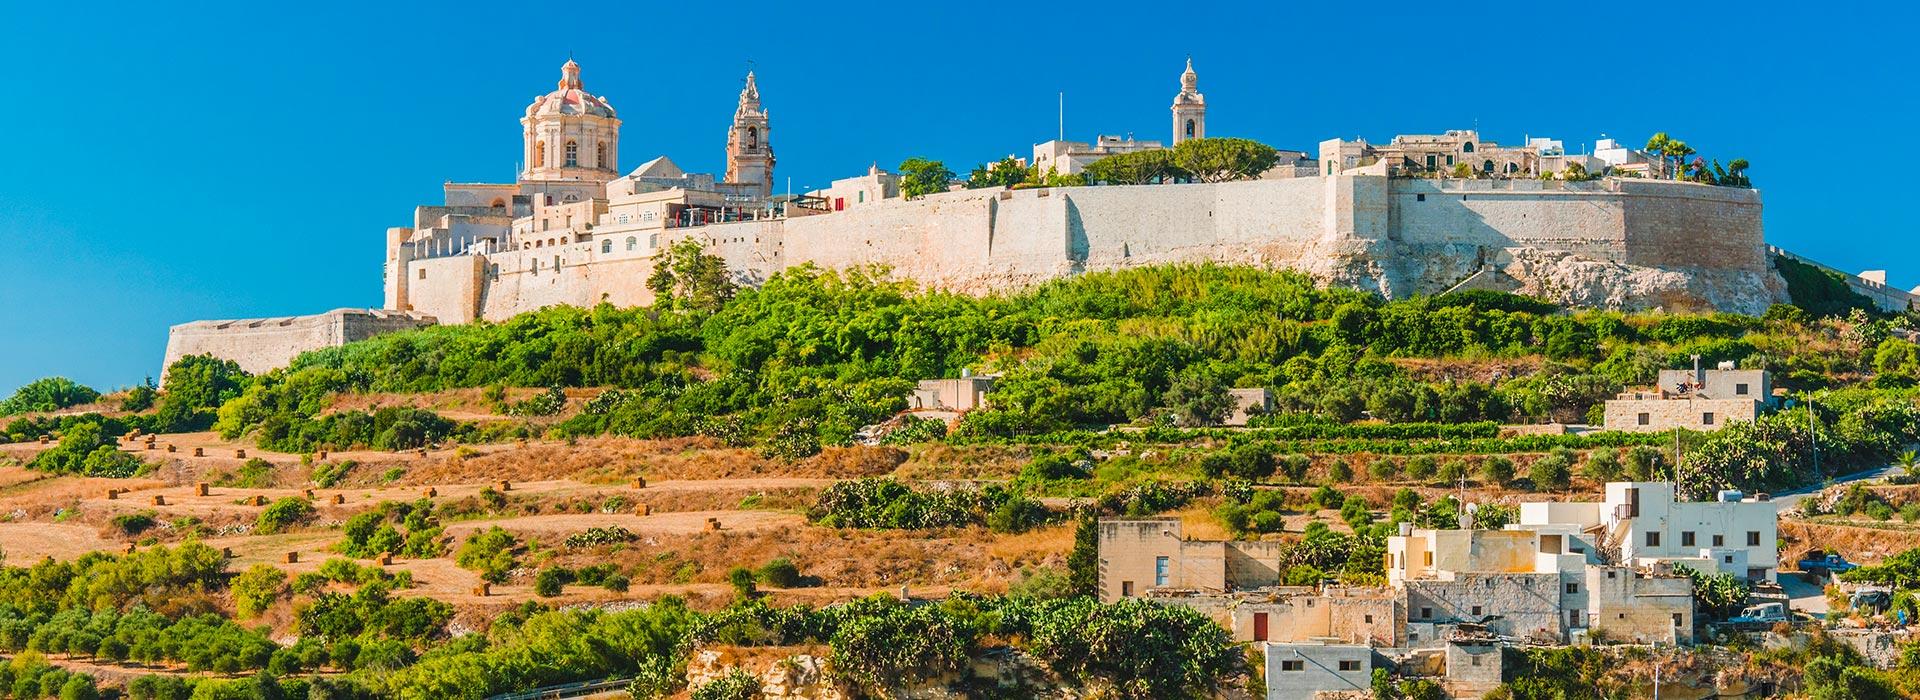 mdina old silent city malta